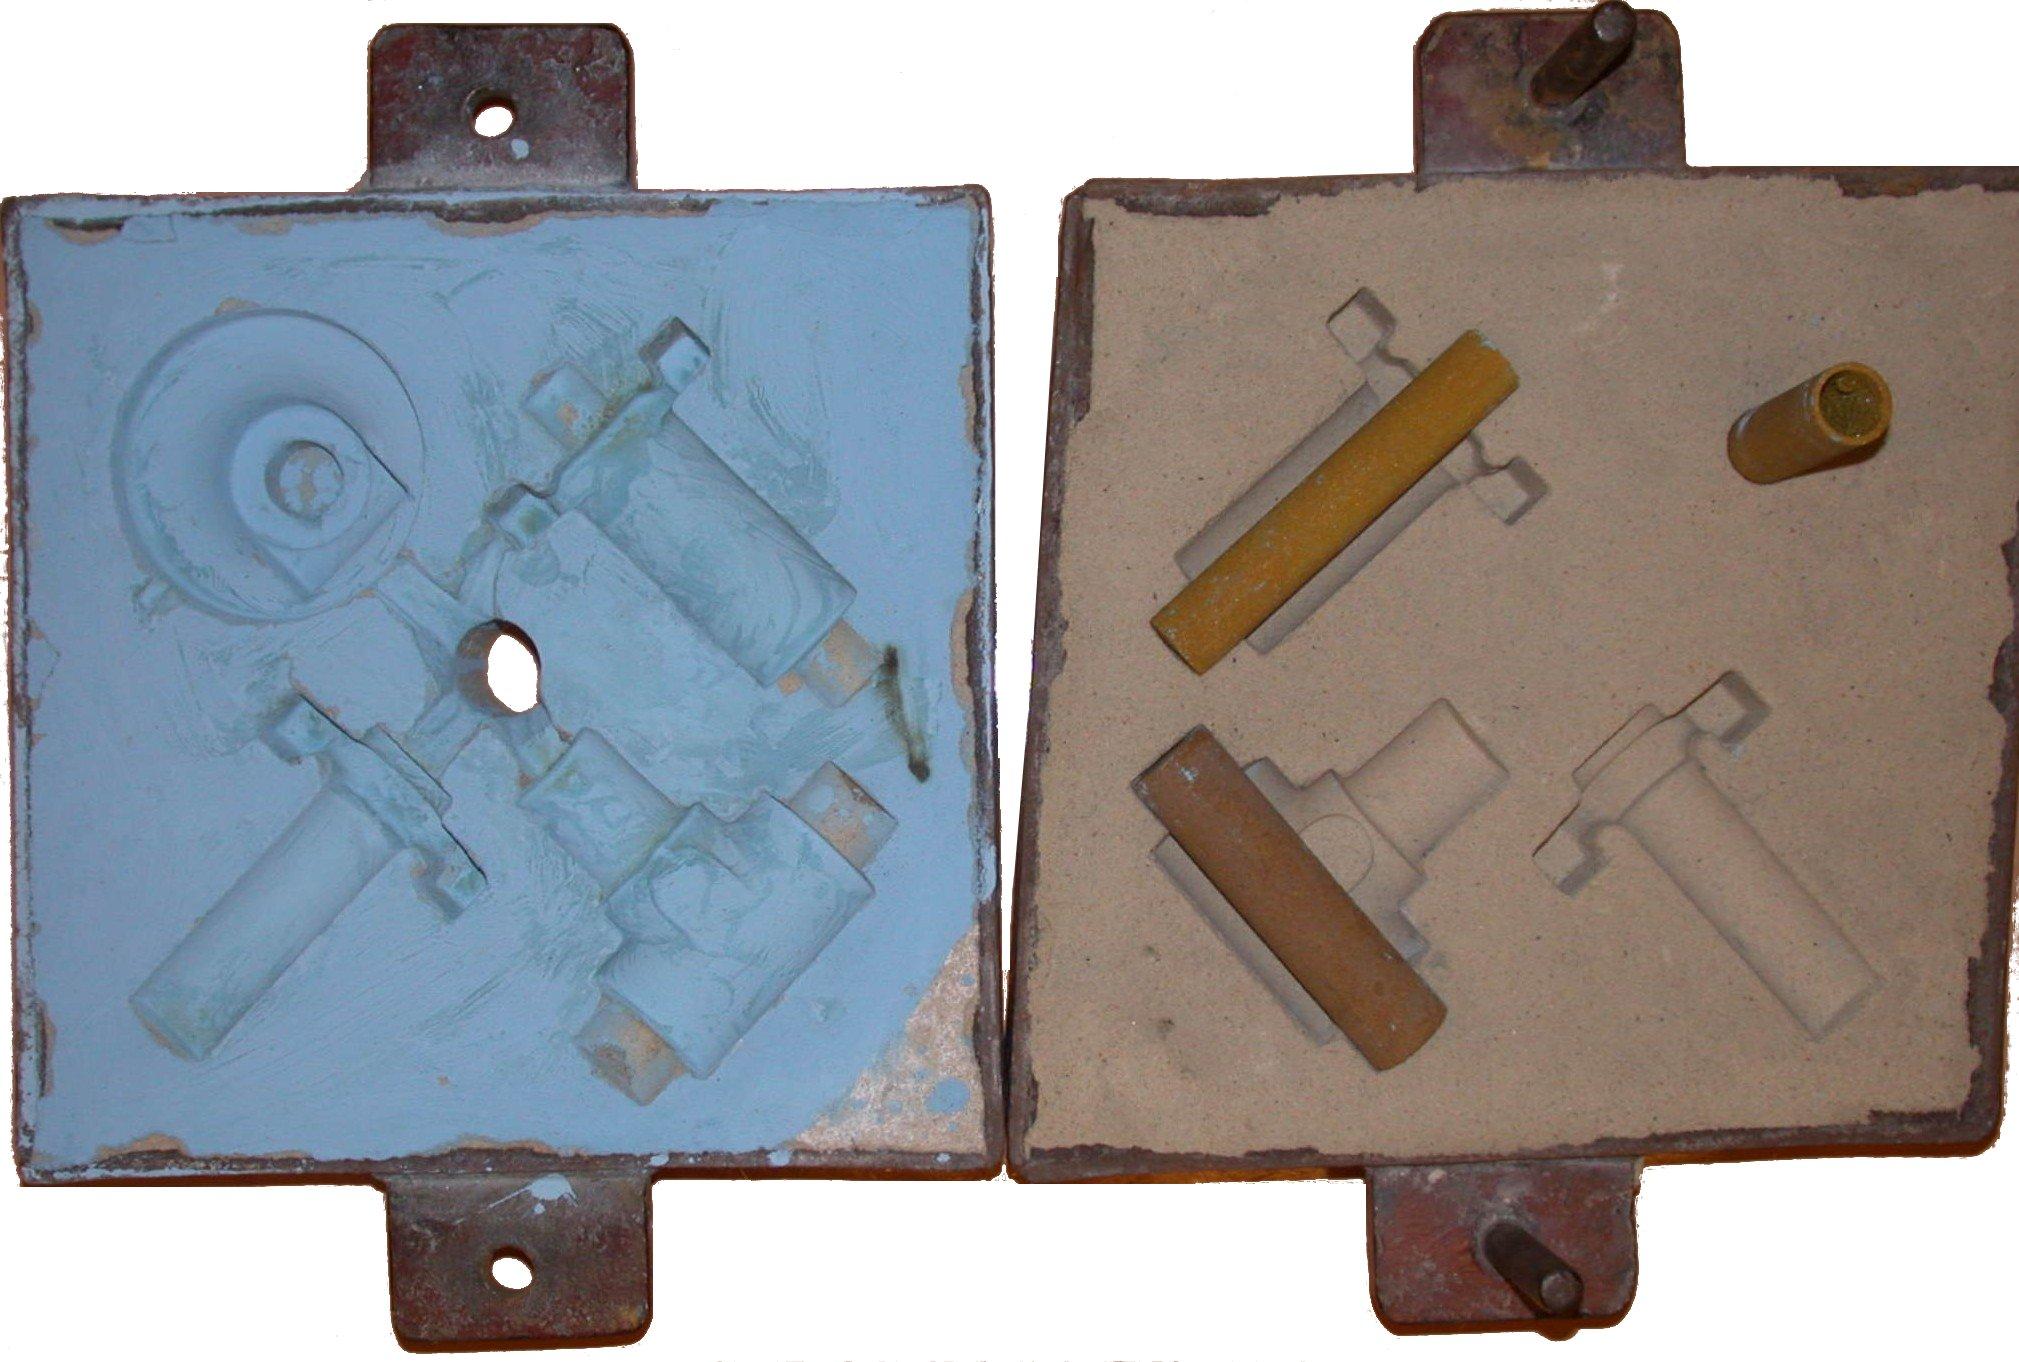 Инструкция за безопасна работа при приготвяне на леярска пръст и формоване на формите и сърцата